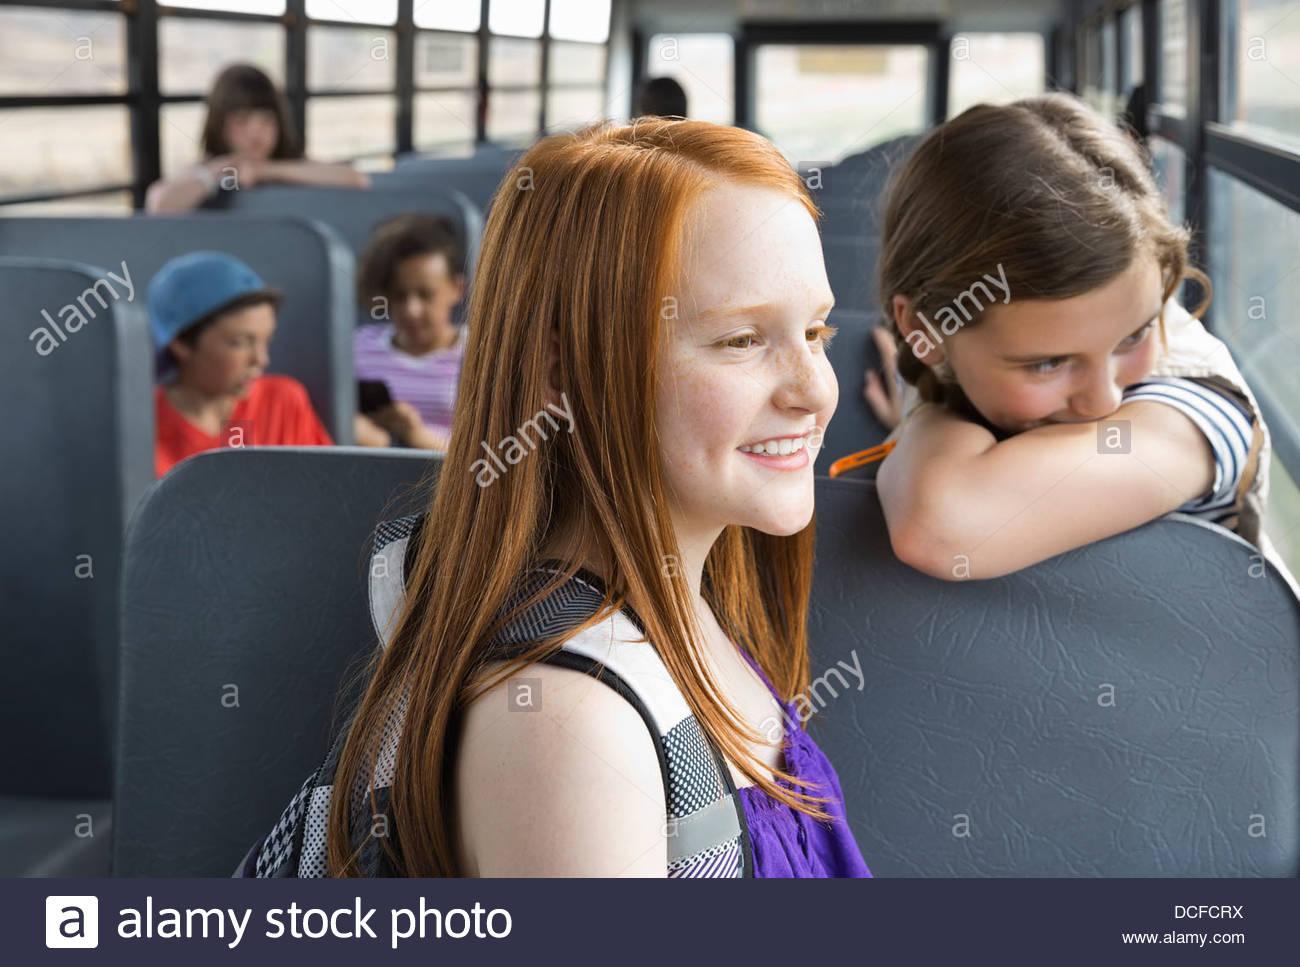 Studentesse a guardare fuori dalla finestra del bus Immagini Stock